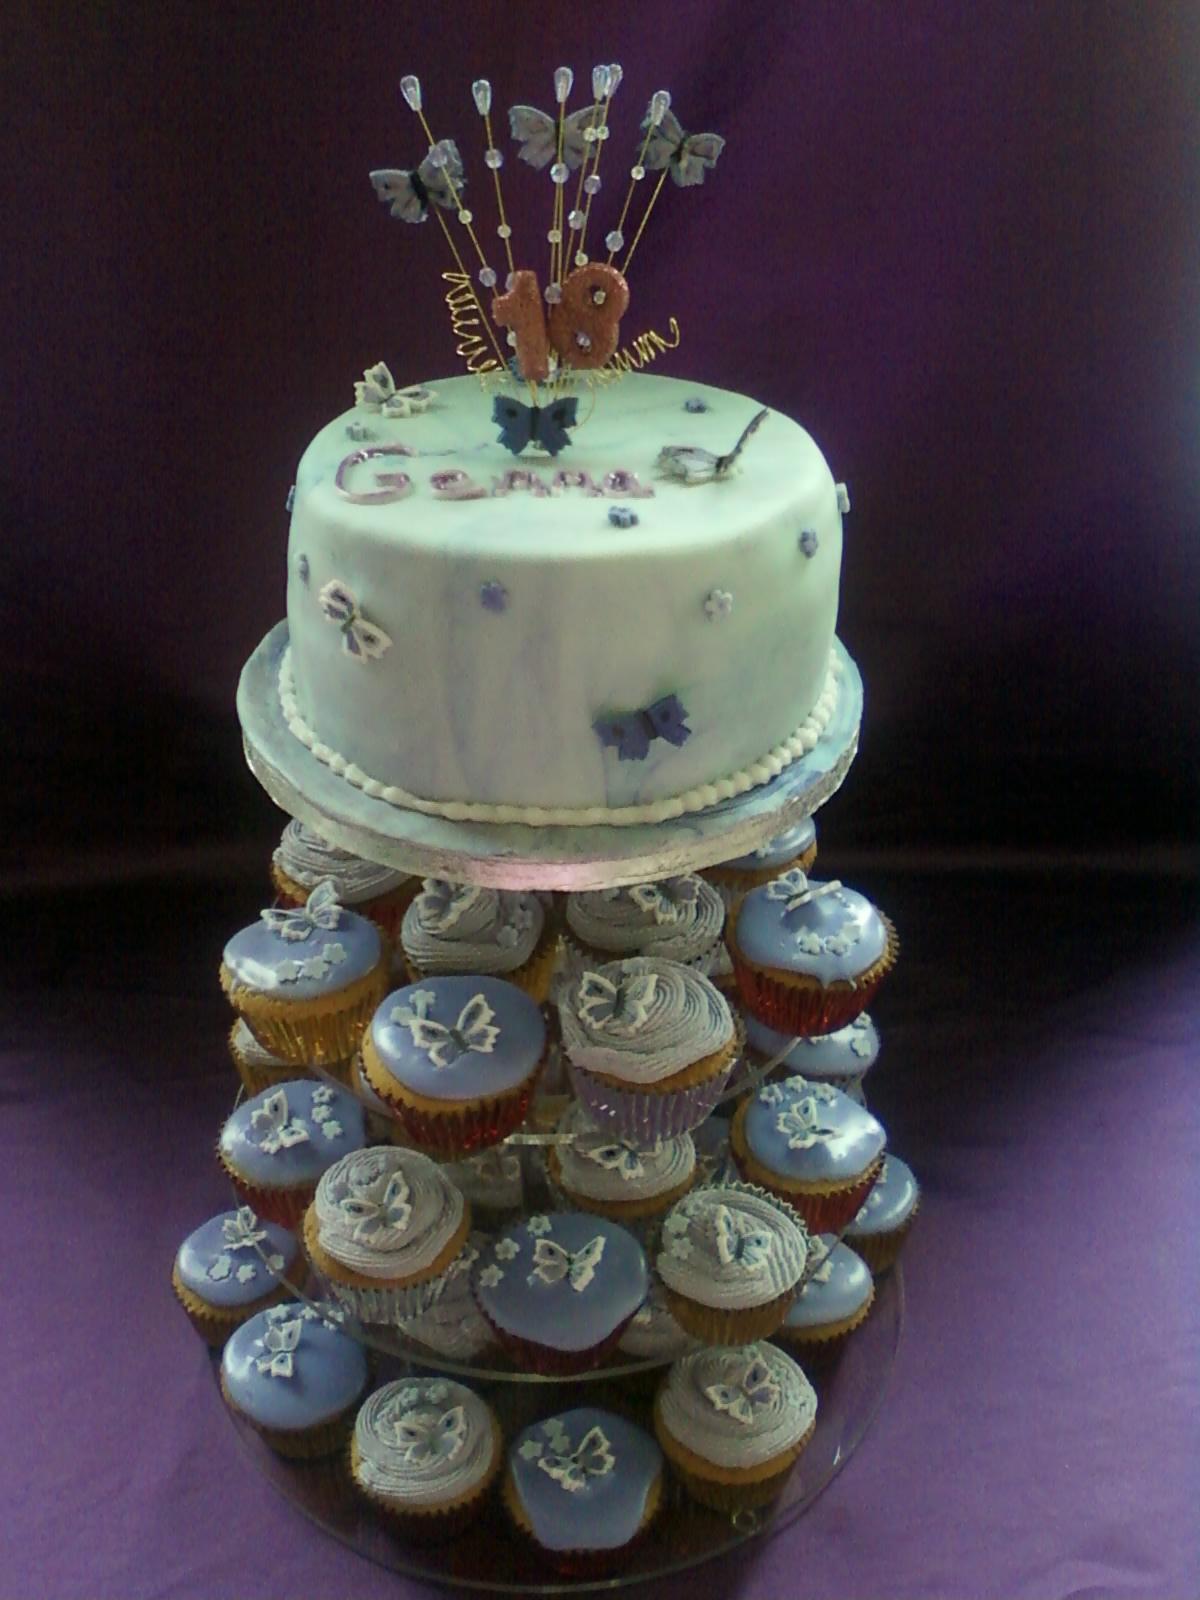 Phenomenal 18Th Birthday Cake With Cupcakes Personalised Birthday Cards Xaembasilily Jamesorg